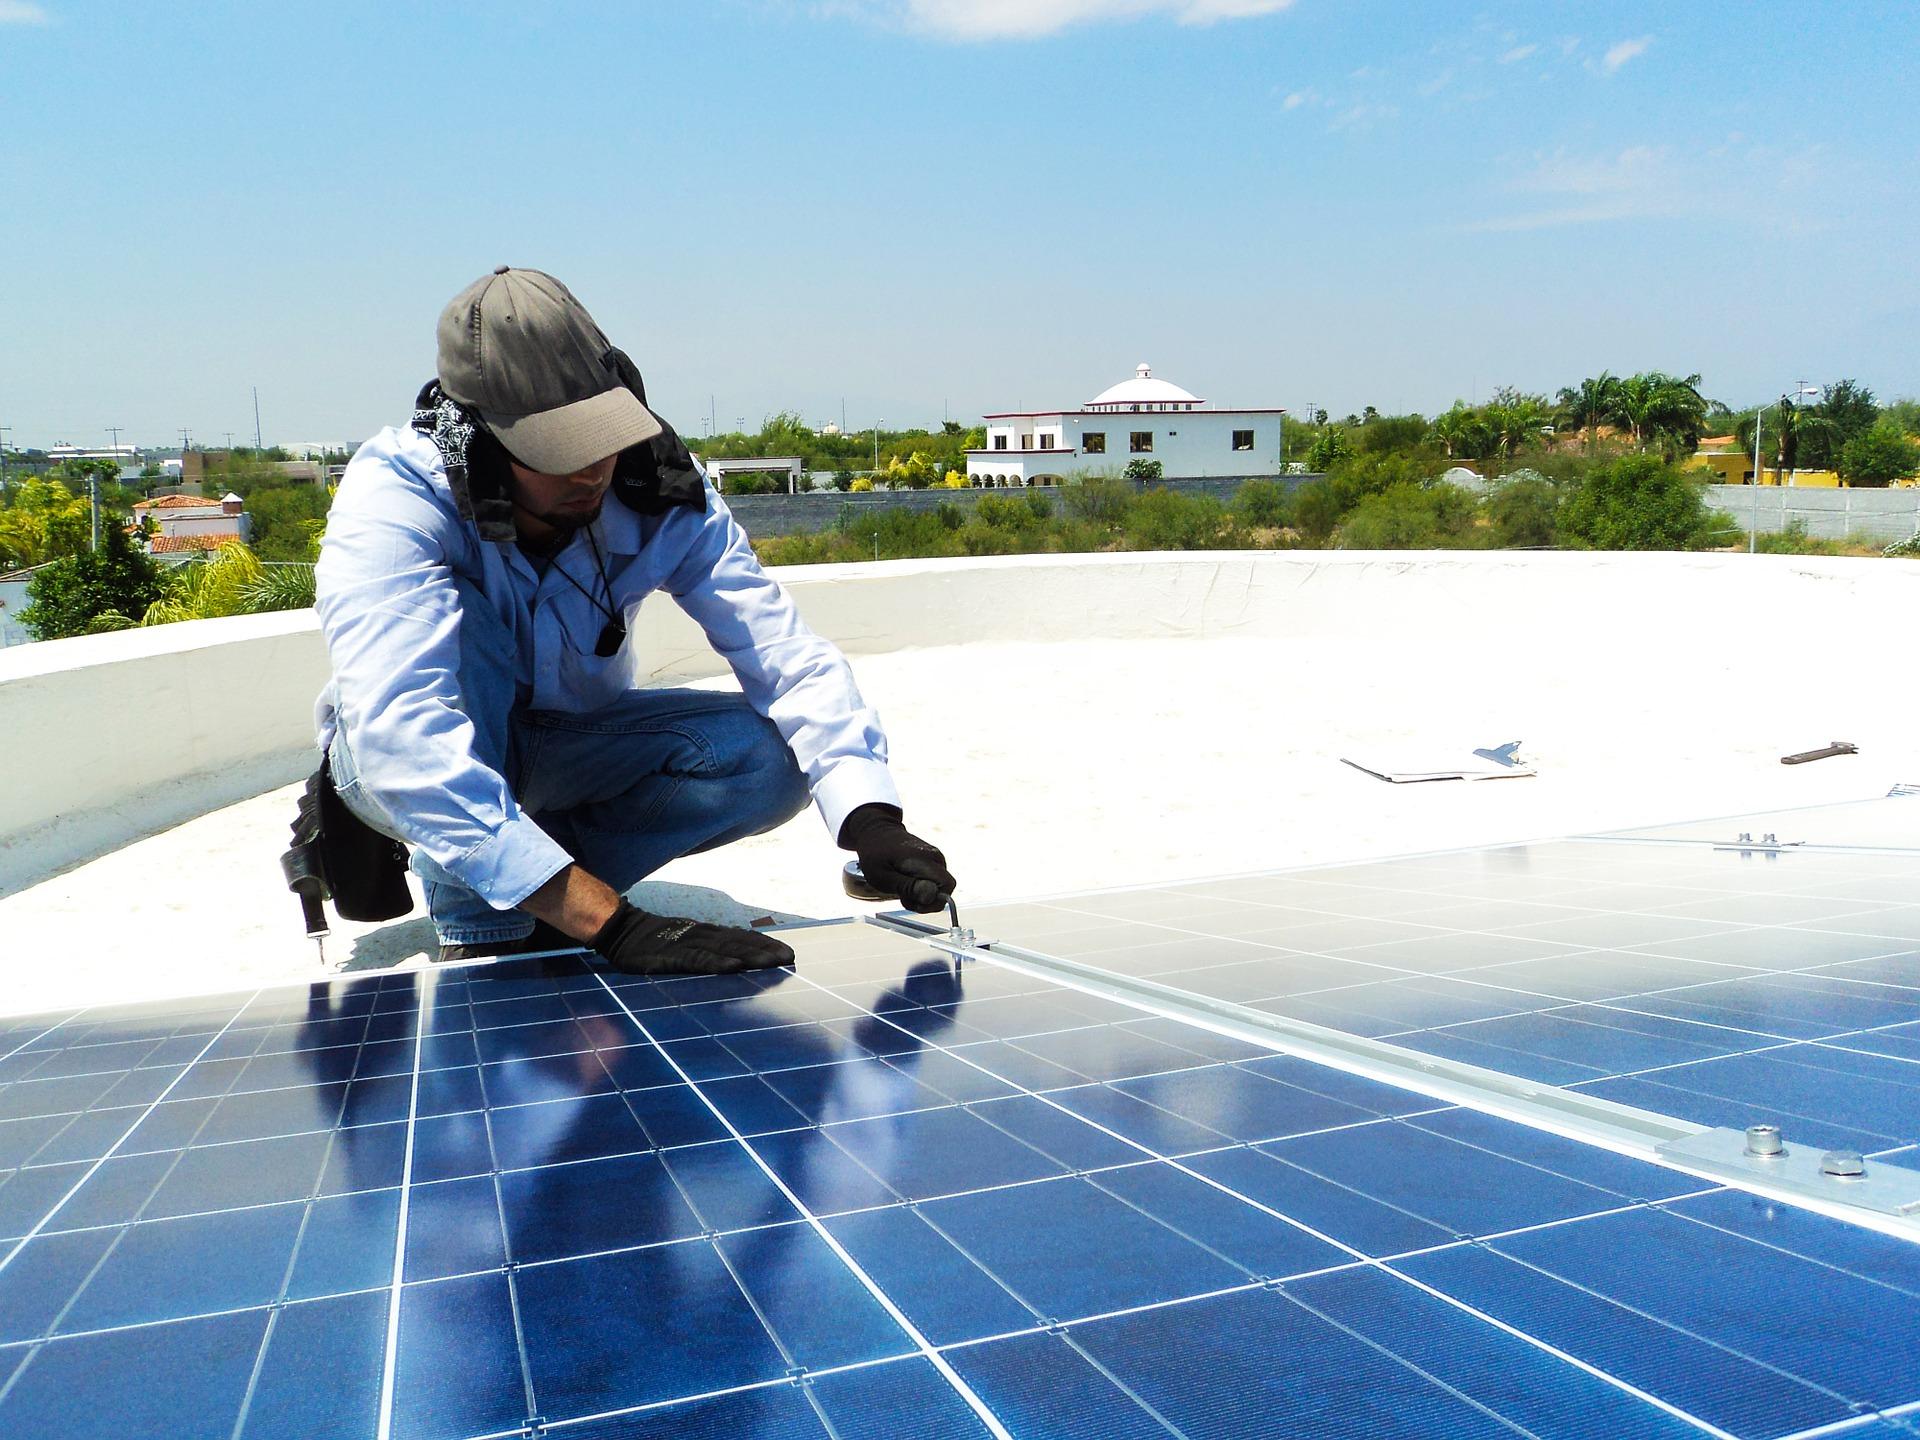 Superbonus 110% per gli impianti elettrici: ecco come ottenerlo